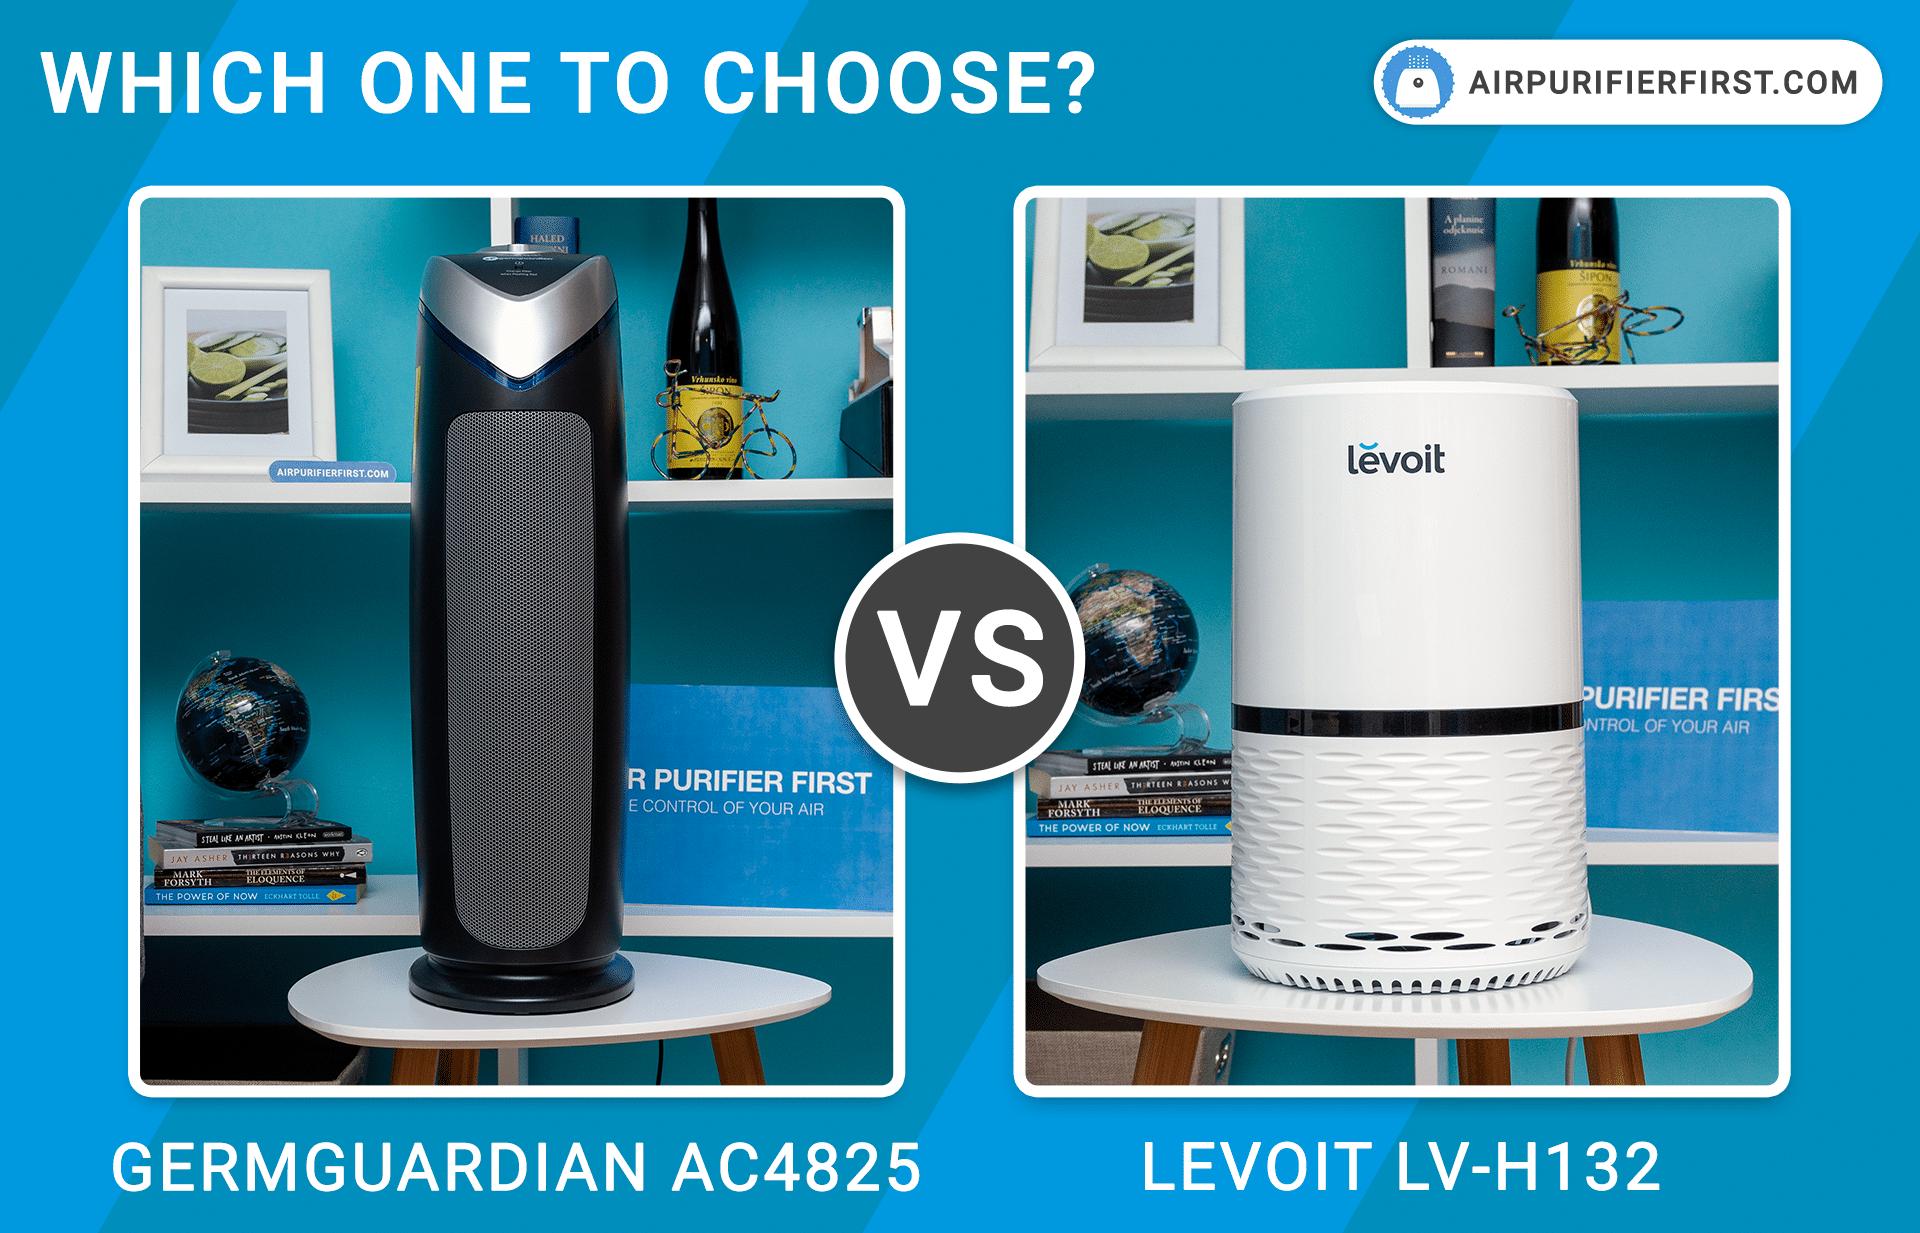 GermGuardian AC4825 Vs Levoit LV-H132 - Comparison